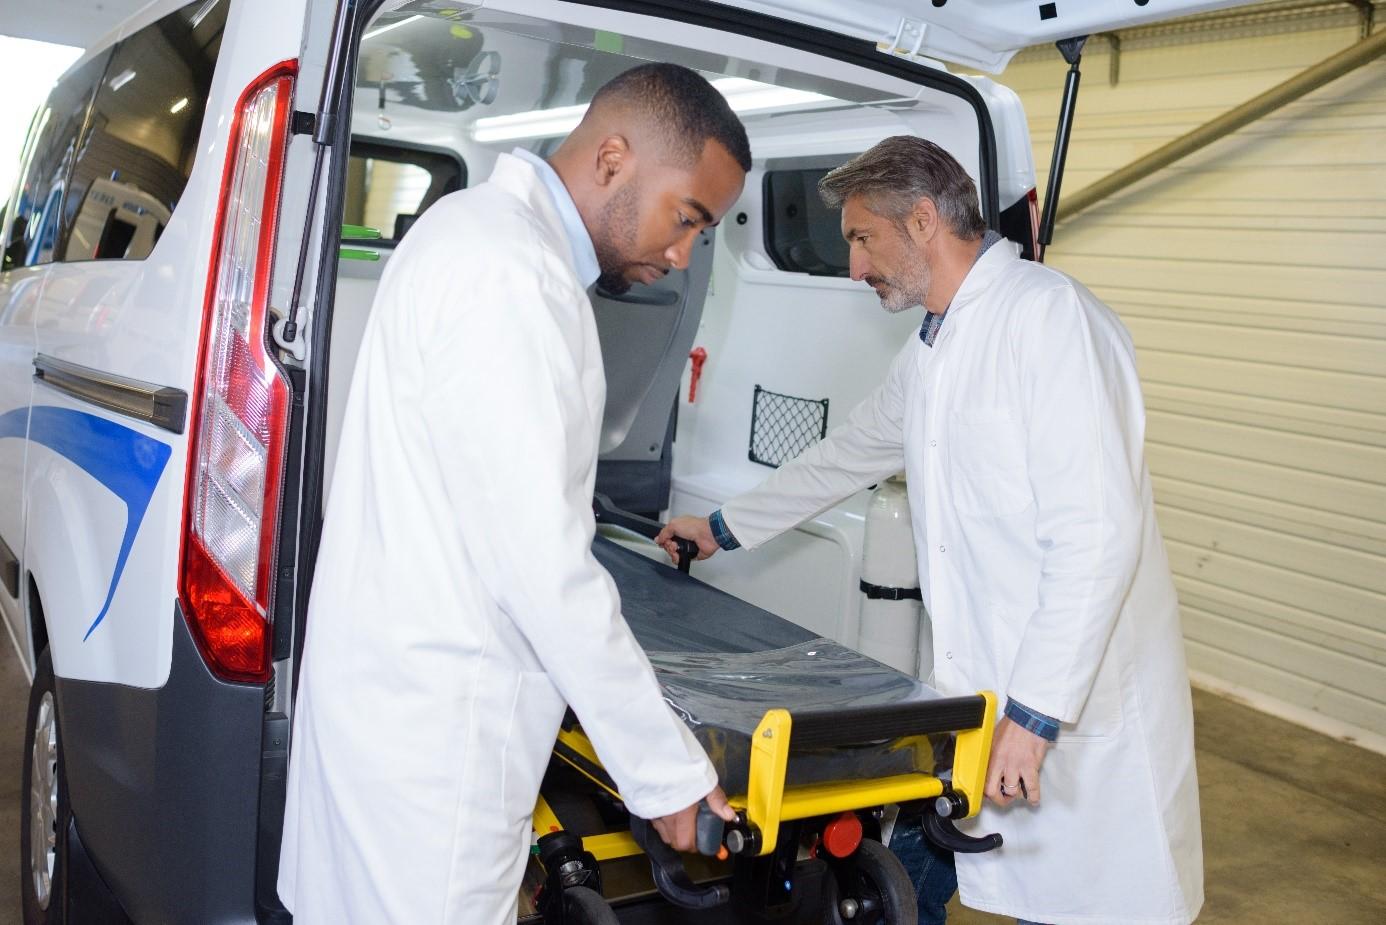 Les ambulanciers doivent se regrouper face à la crise sanitaire